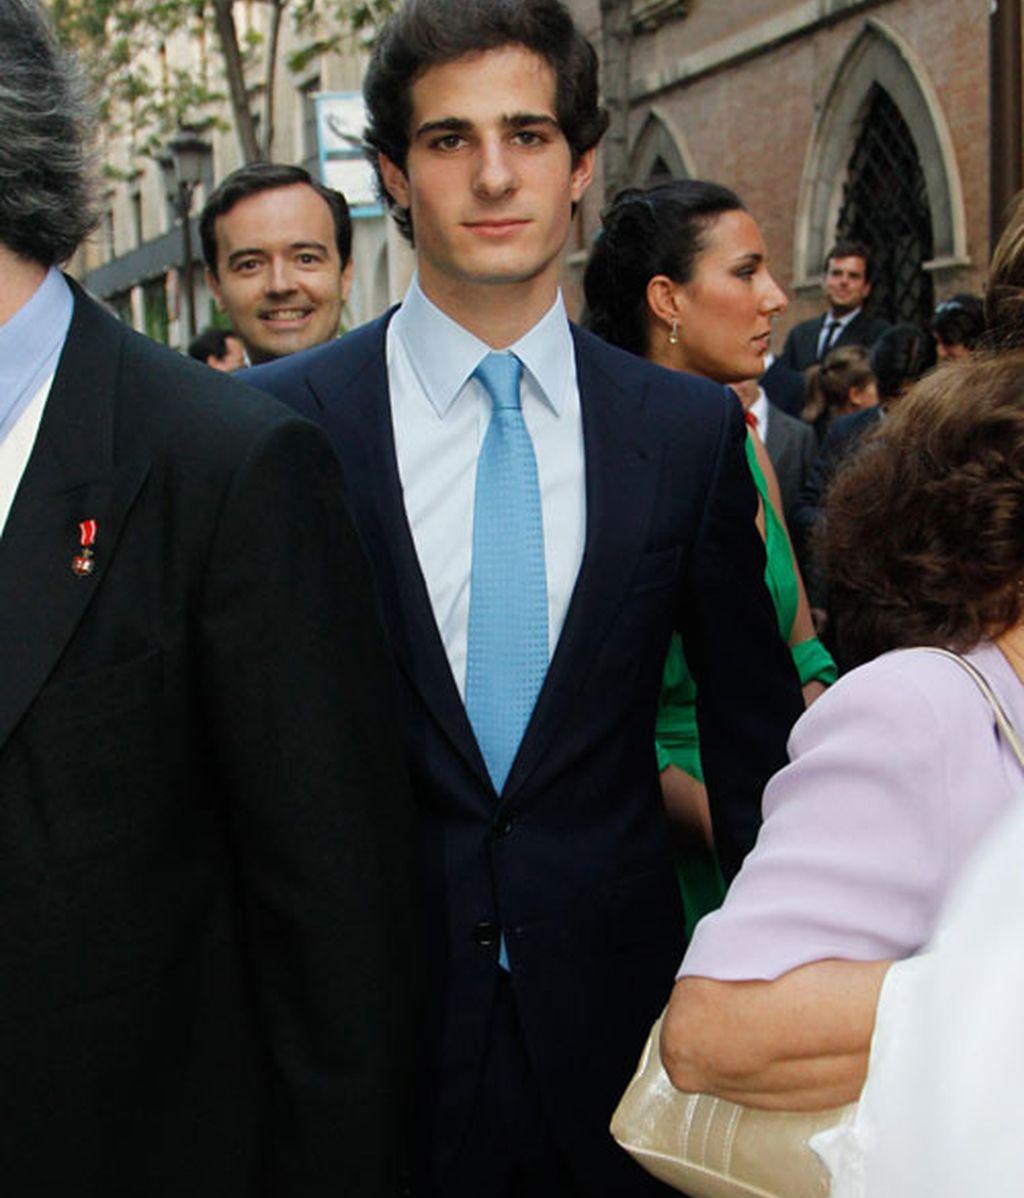 La Duquesa se lleva a Alfonso de boda